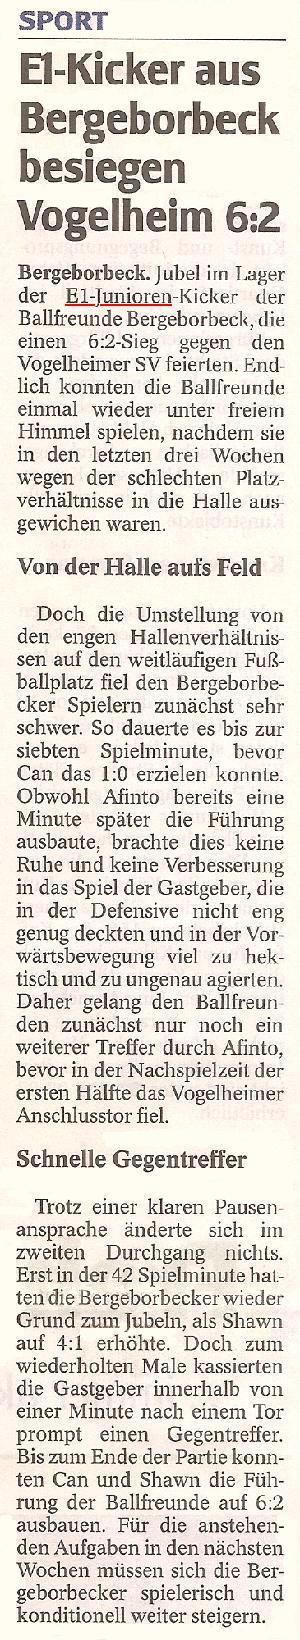 WAZ-Bericht zum 6:2 Sieg der E1-Jugend bei SV Vogelheim